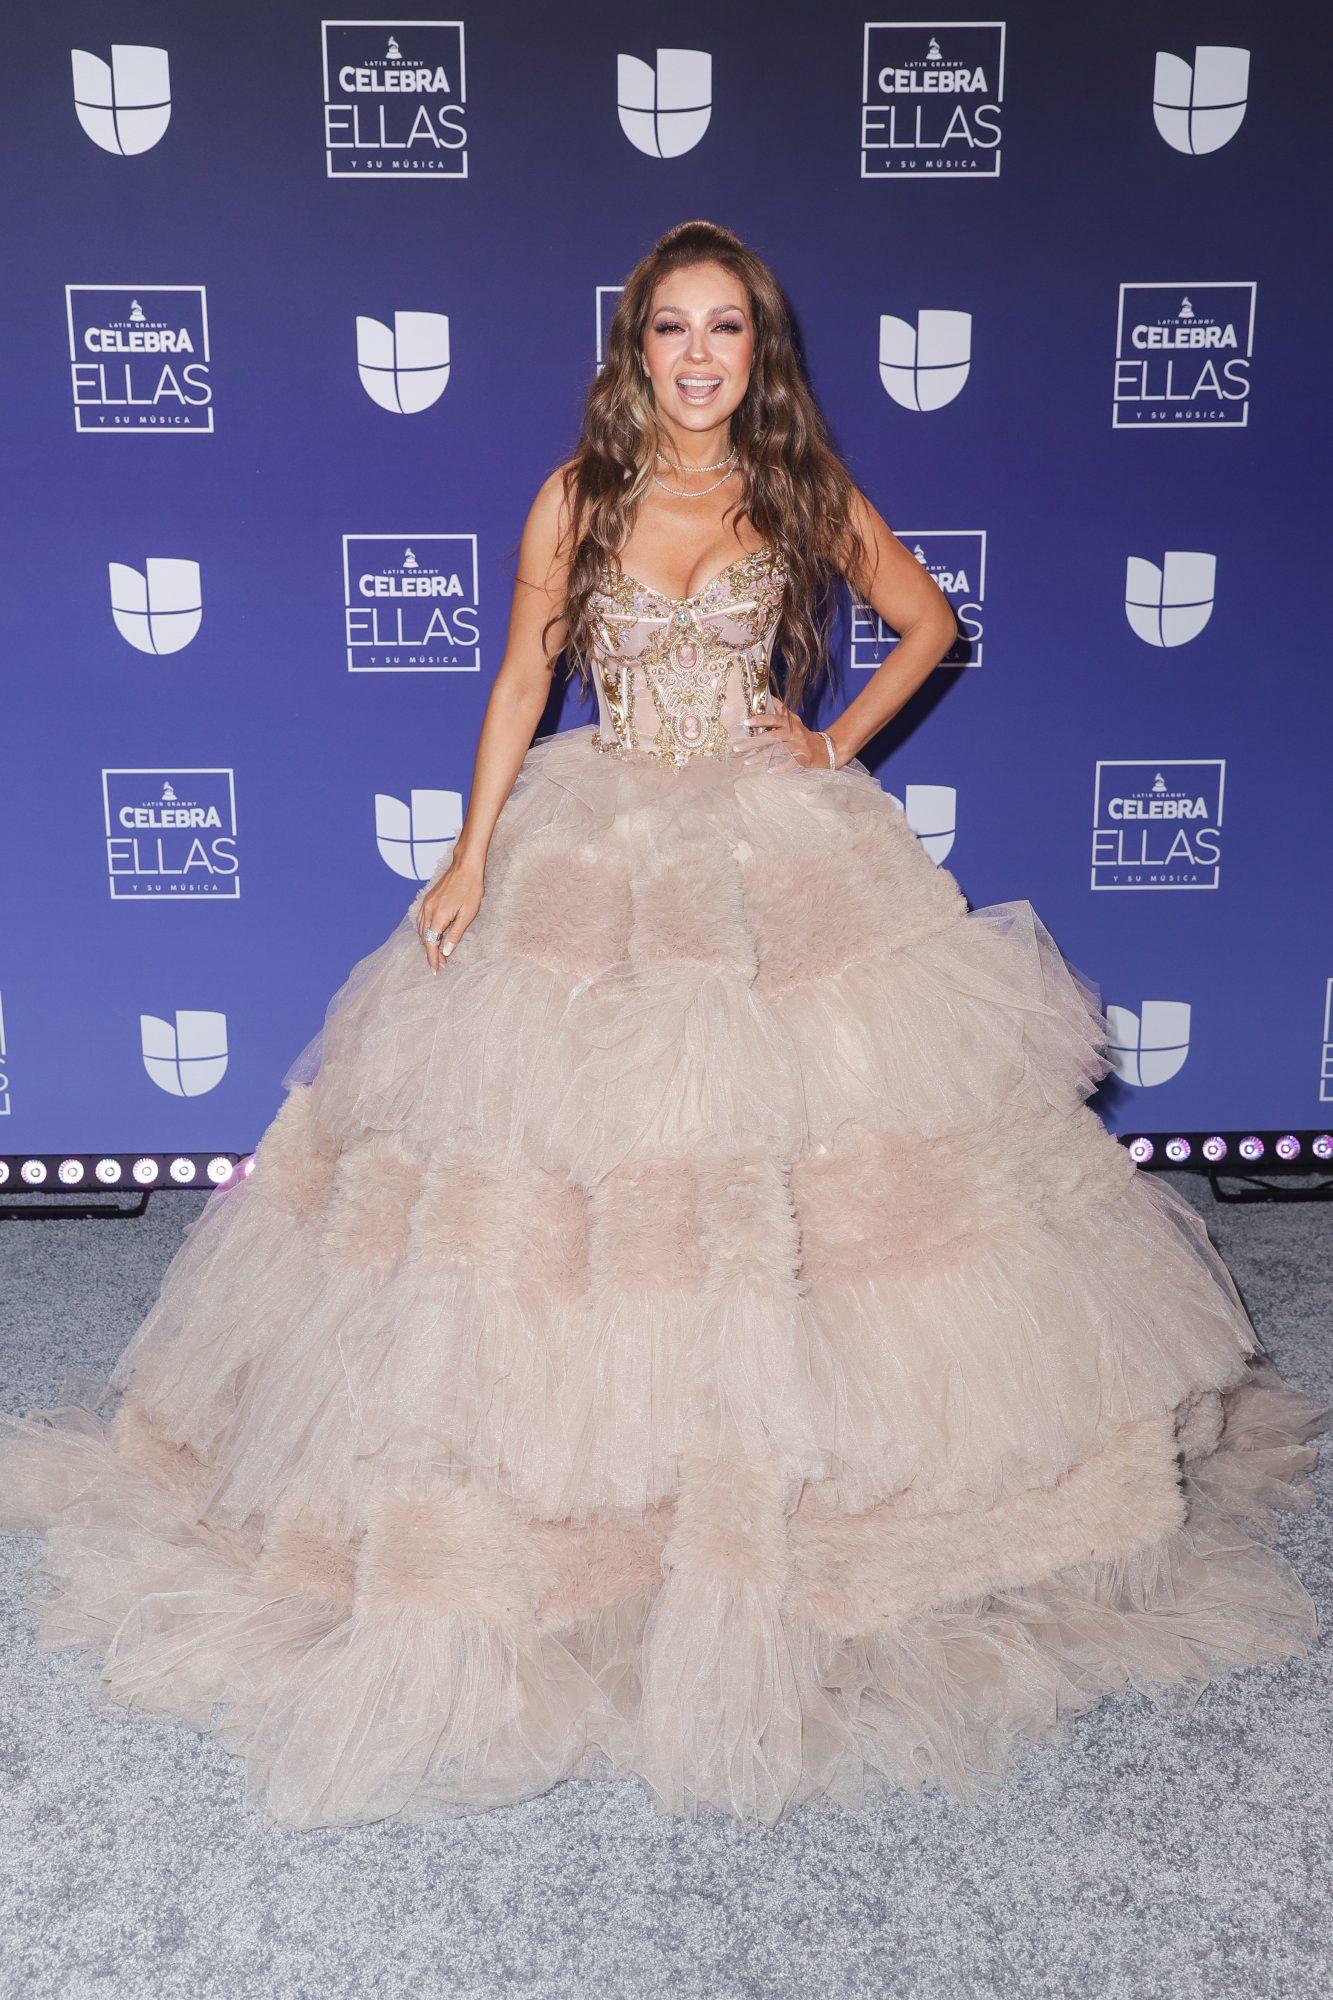 Alejandra Espinoza maravilla sobre la alfombra con este vestido  espectacular | People en Español